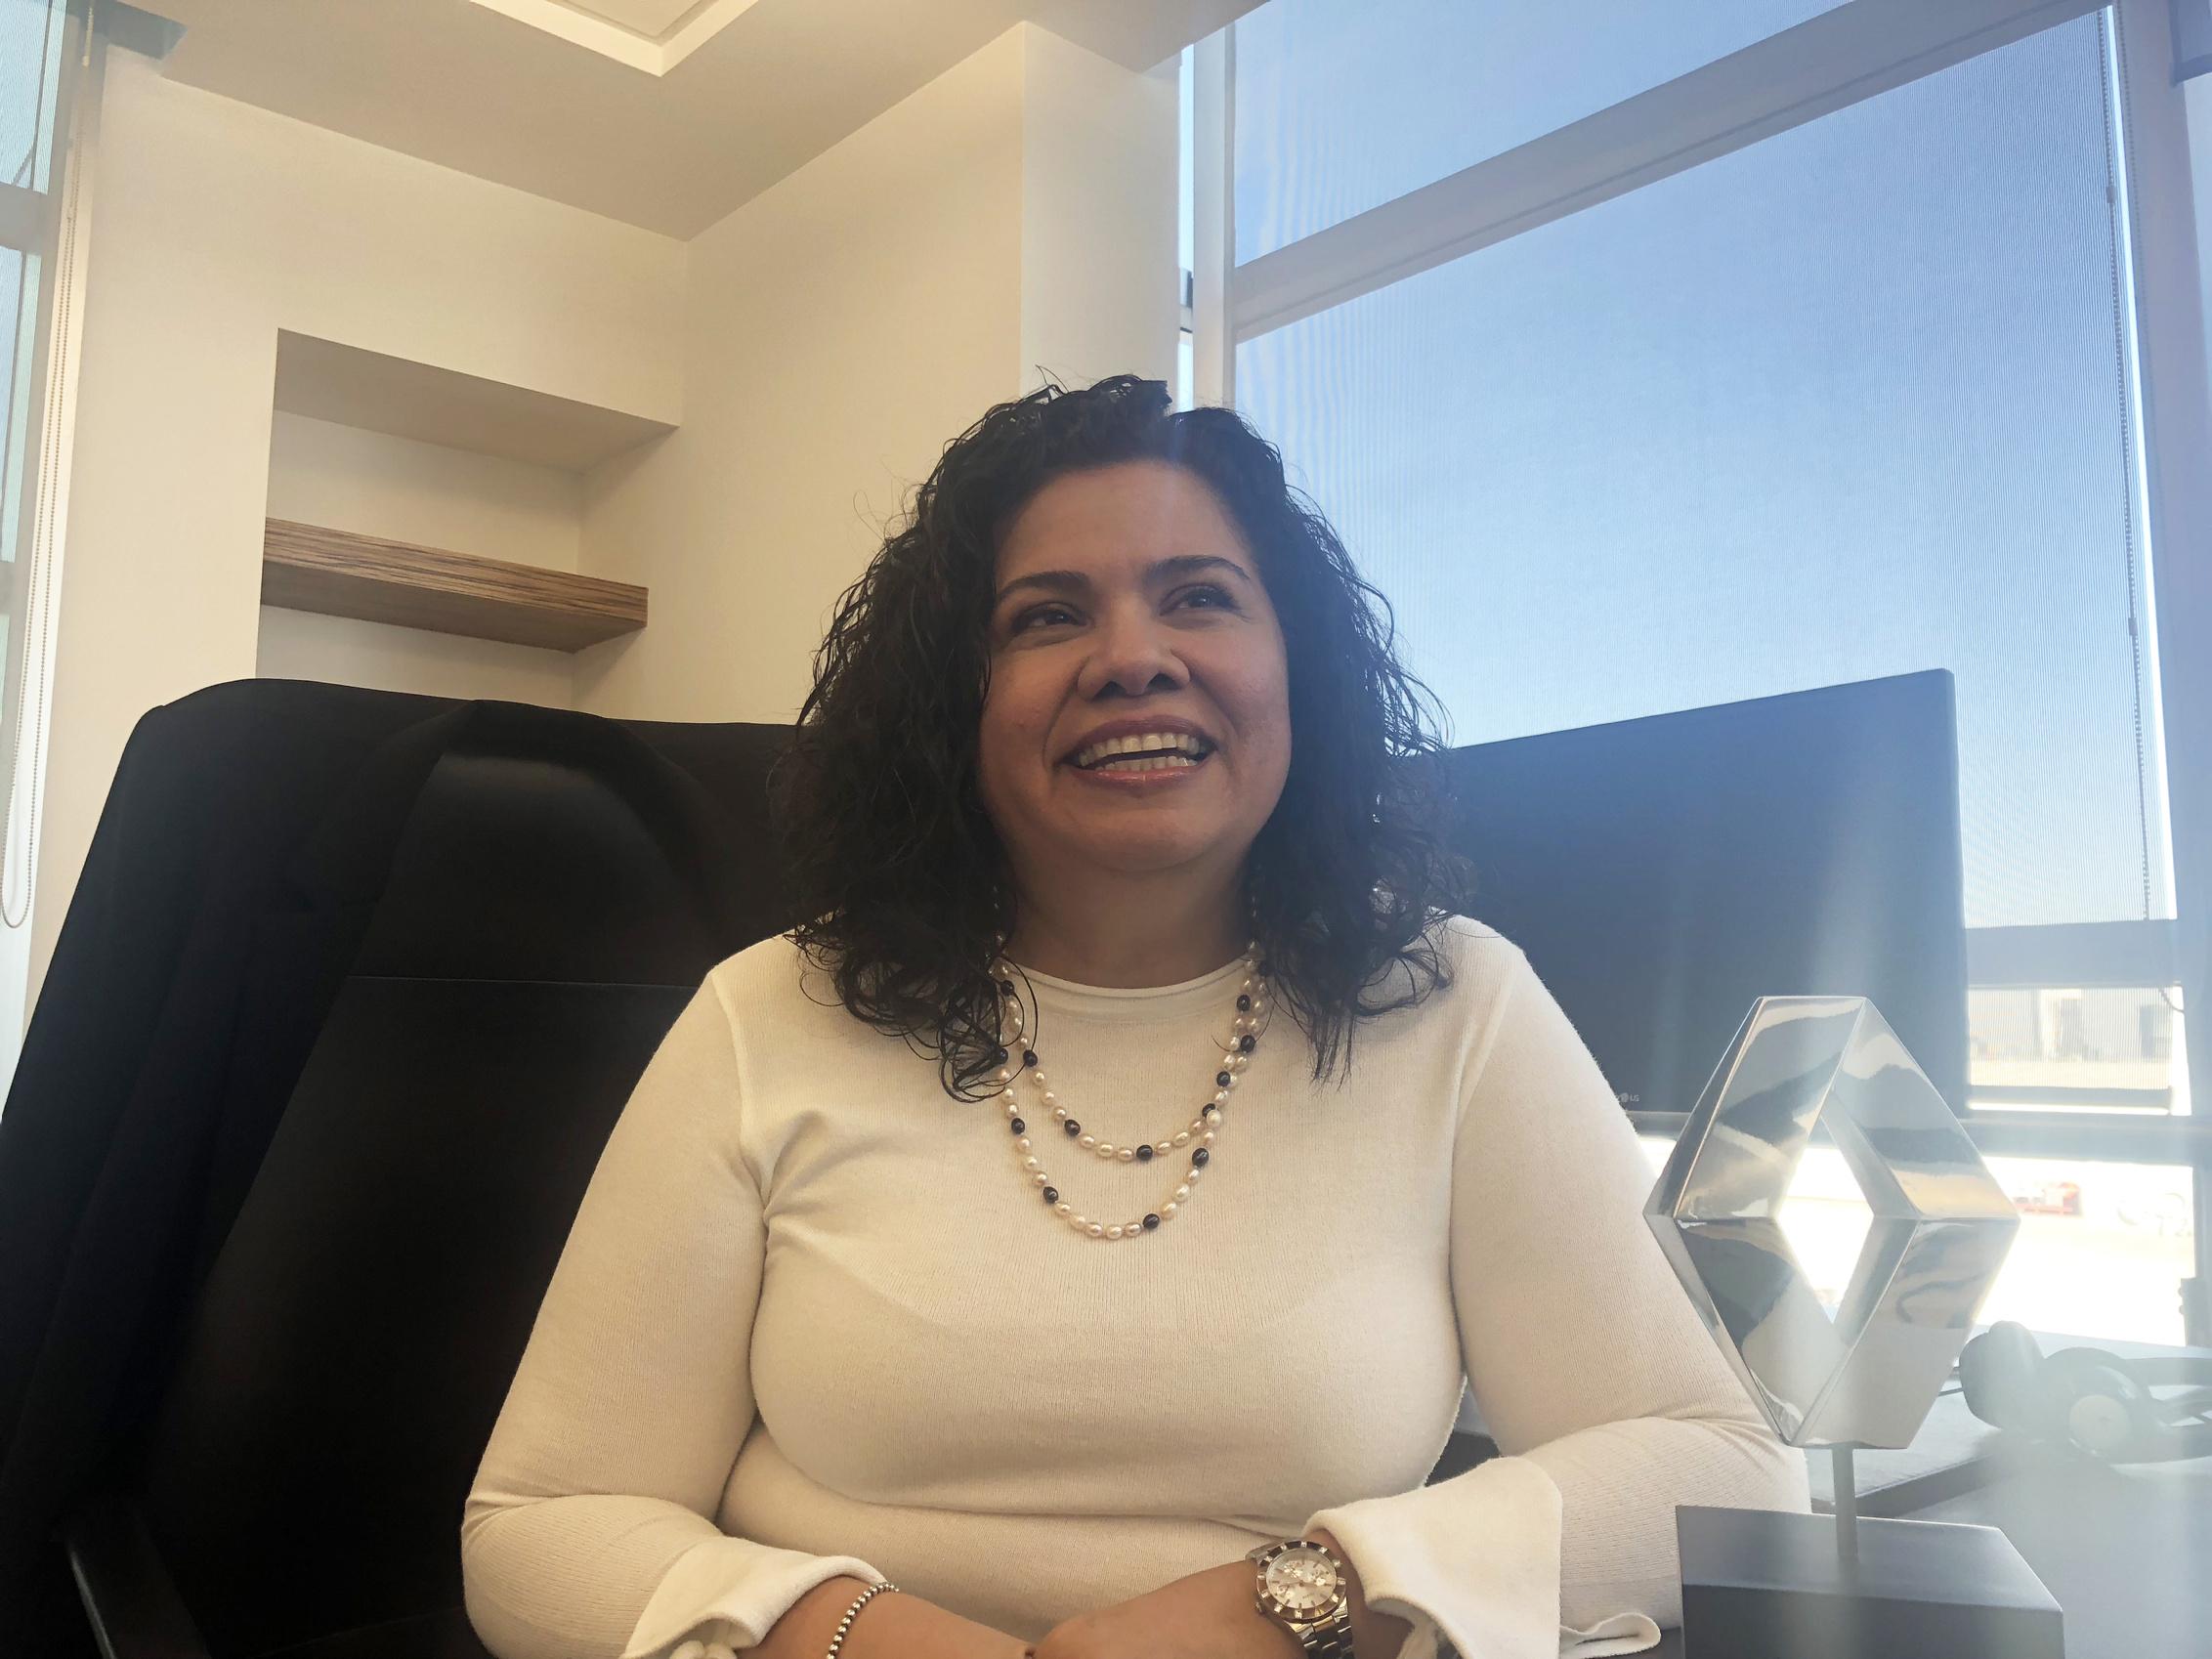 Talento y meritocracia, el mejor activo de las mujeres: Directora de Renault México